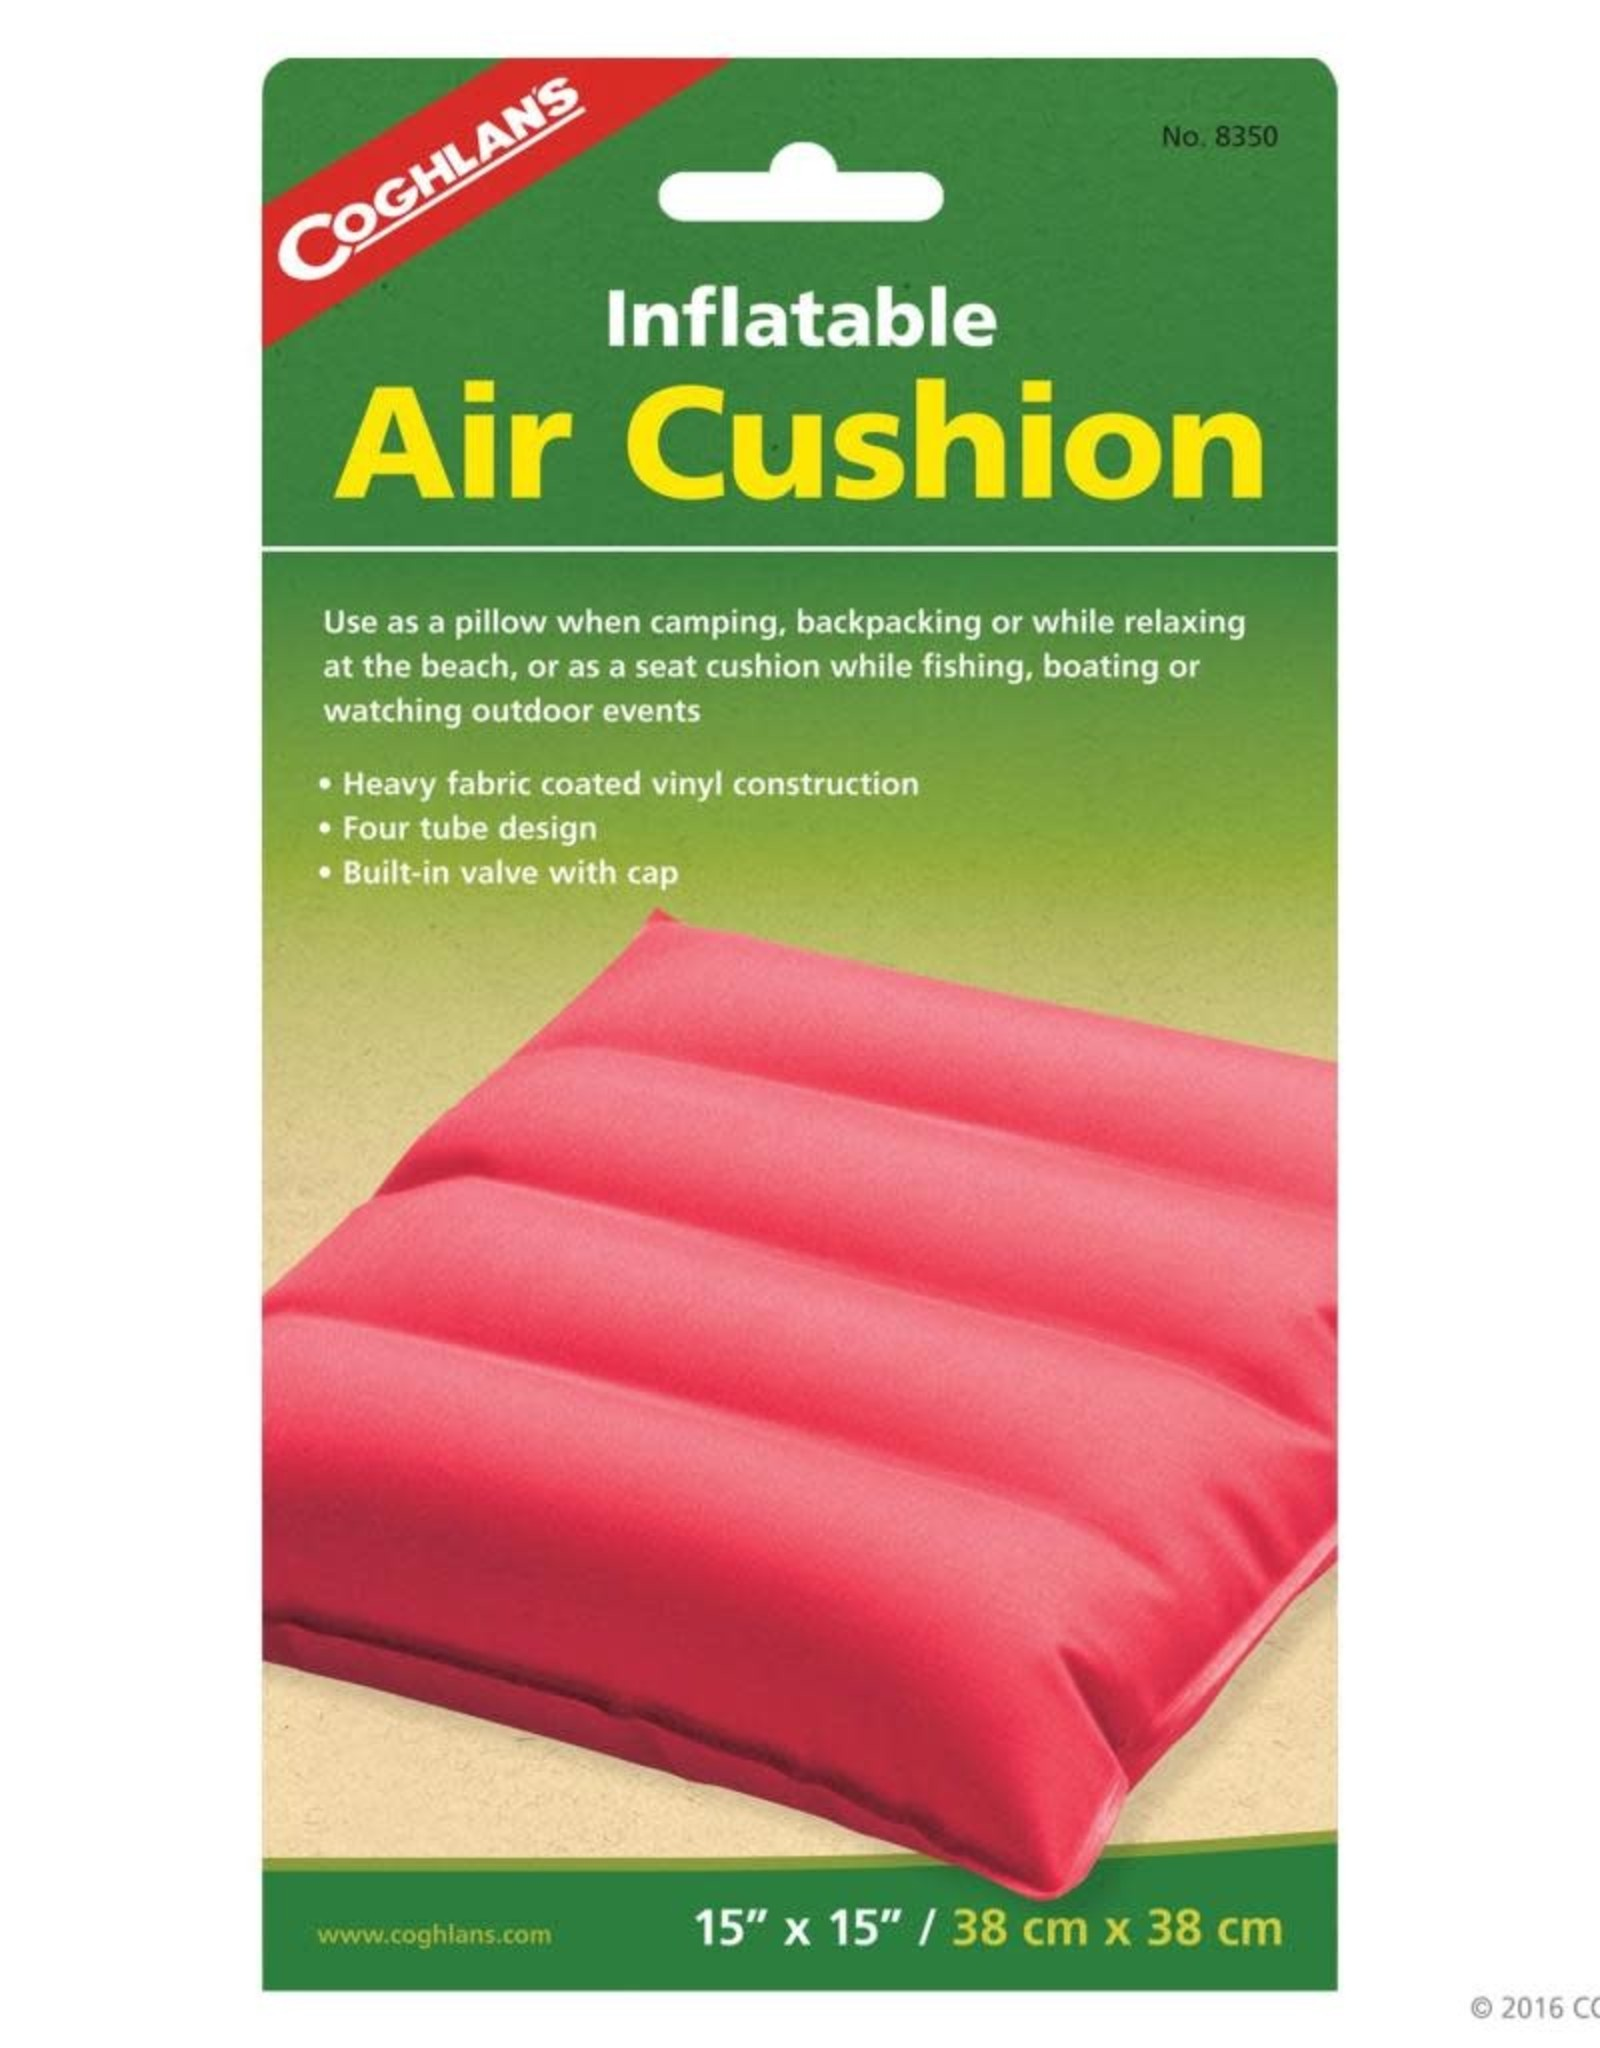 Coghlan's Air Cushion